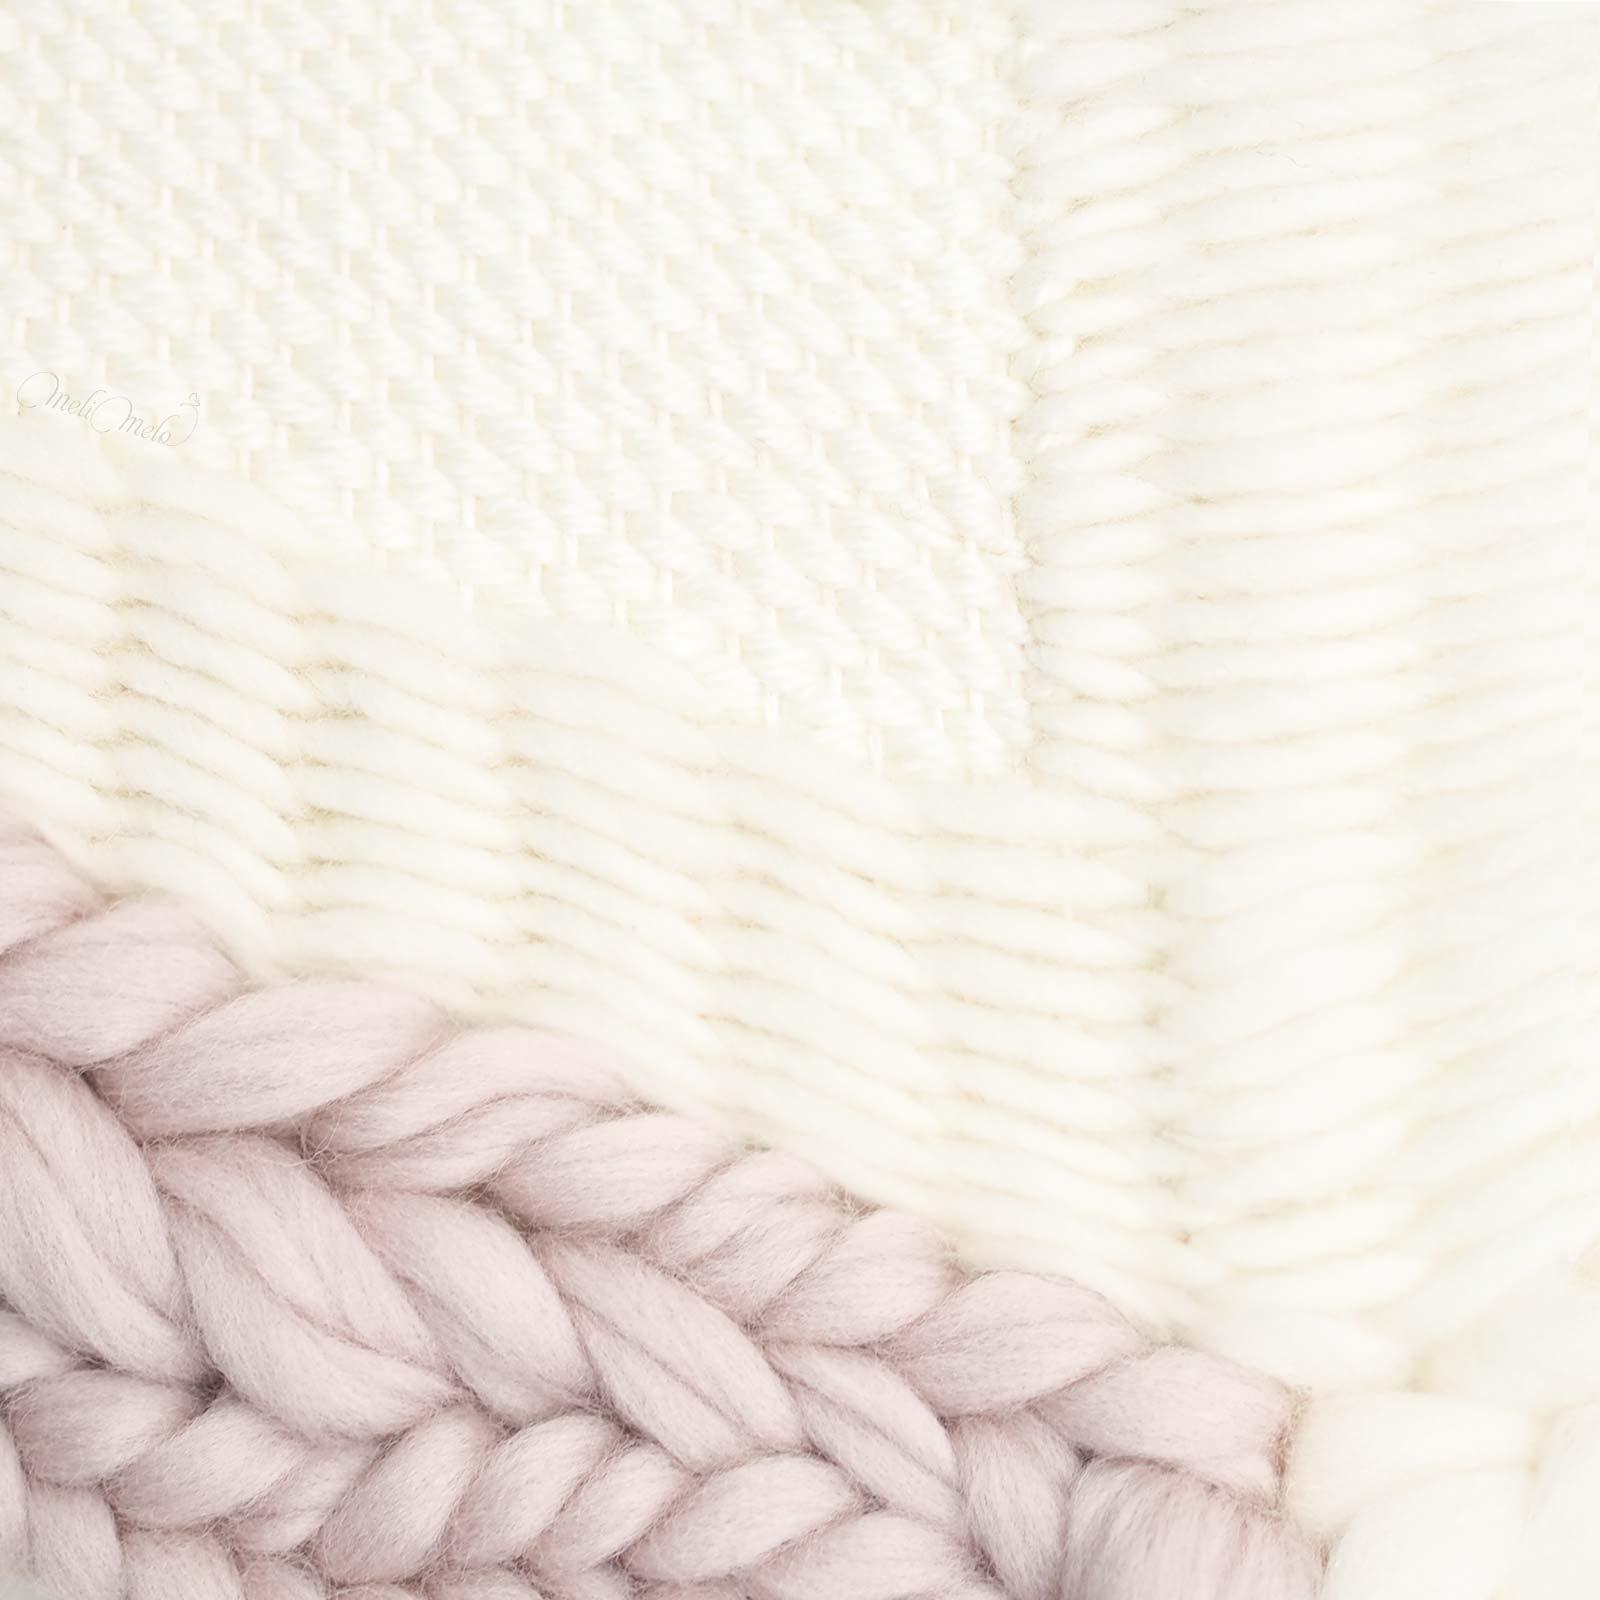 tissage laine cuivre perle et lune détail weareknitters wool laboutiquedemelimelo